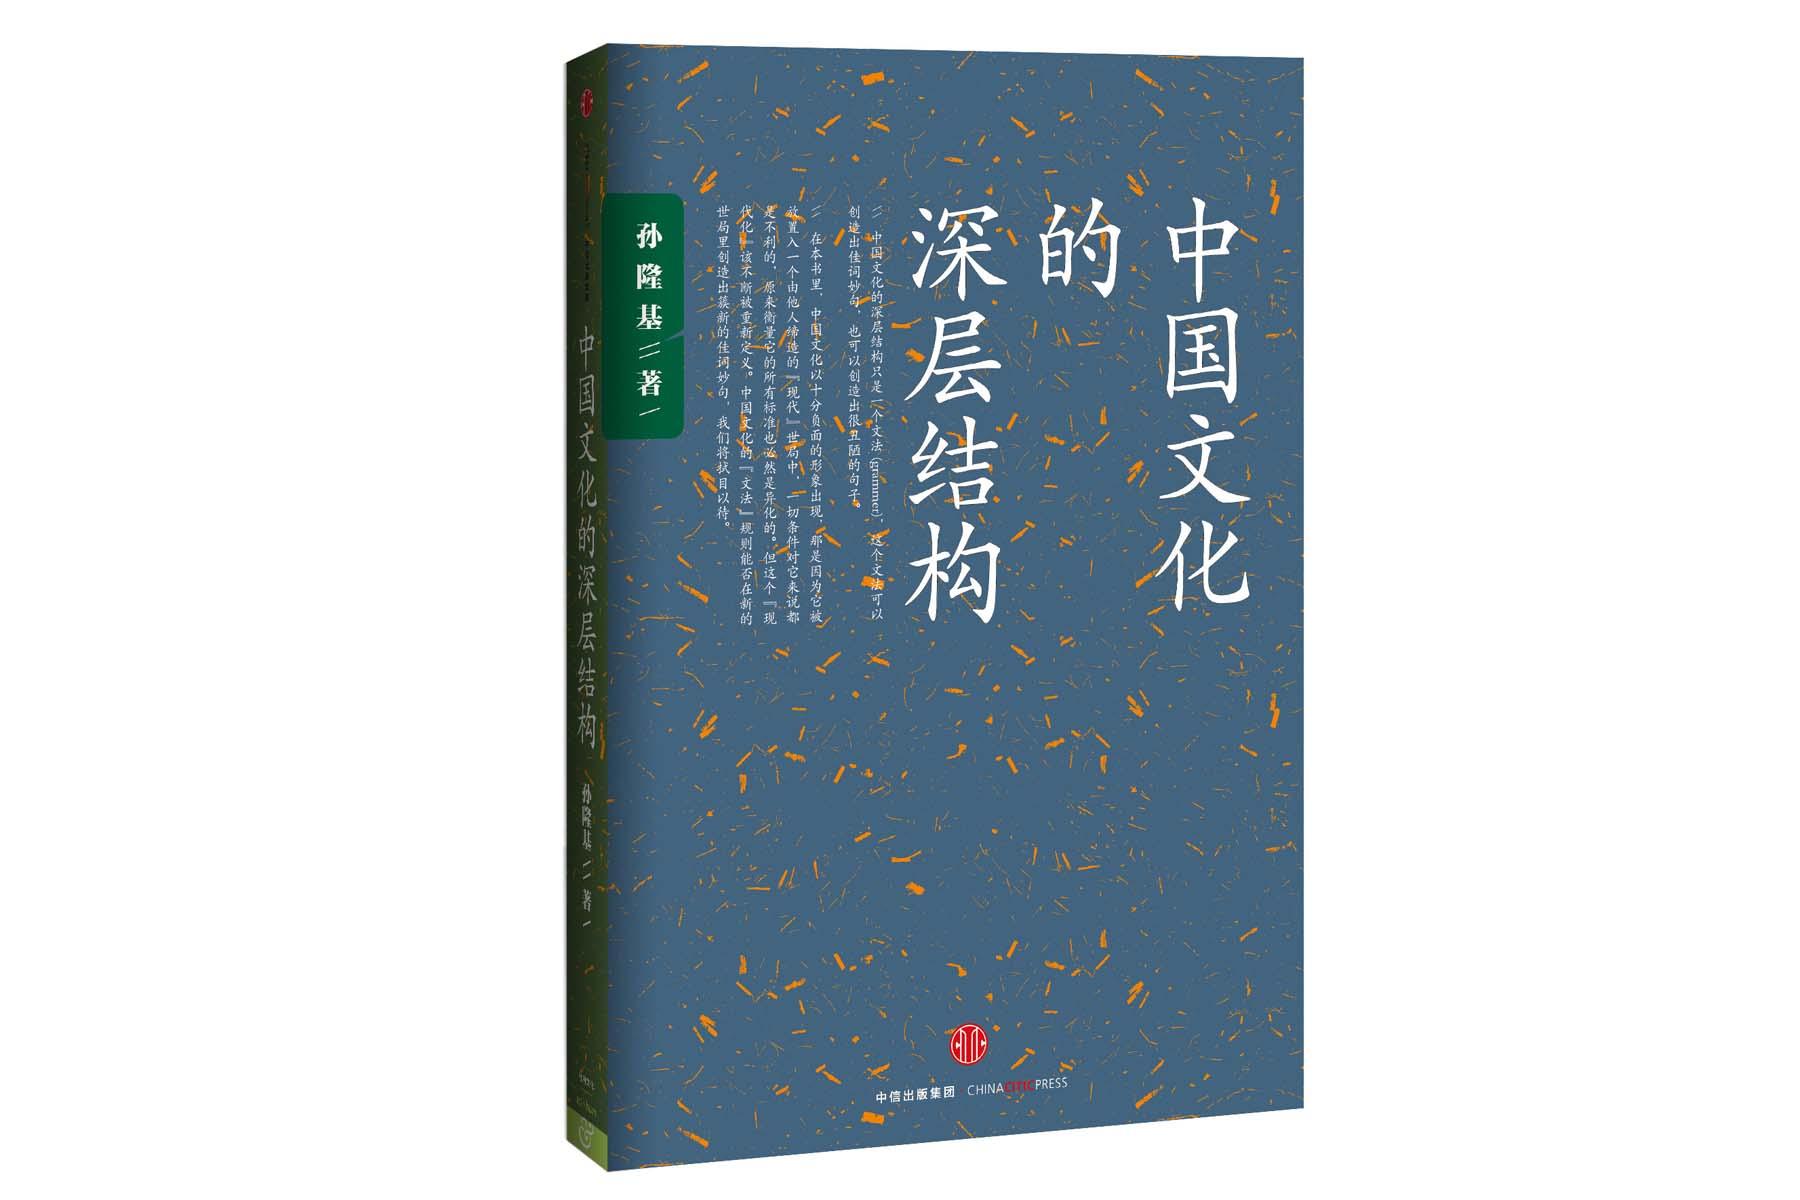 《中国文化的深层结构》